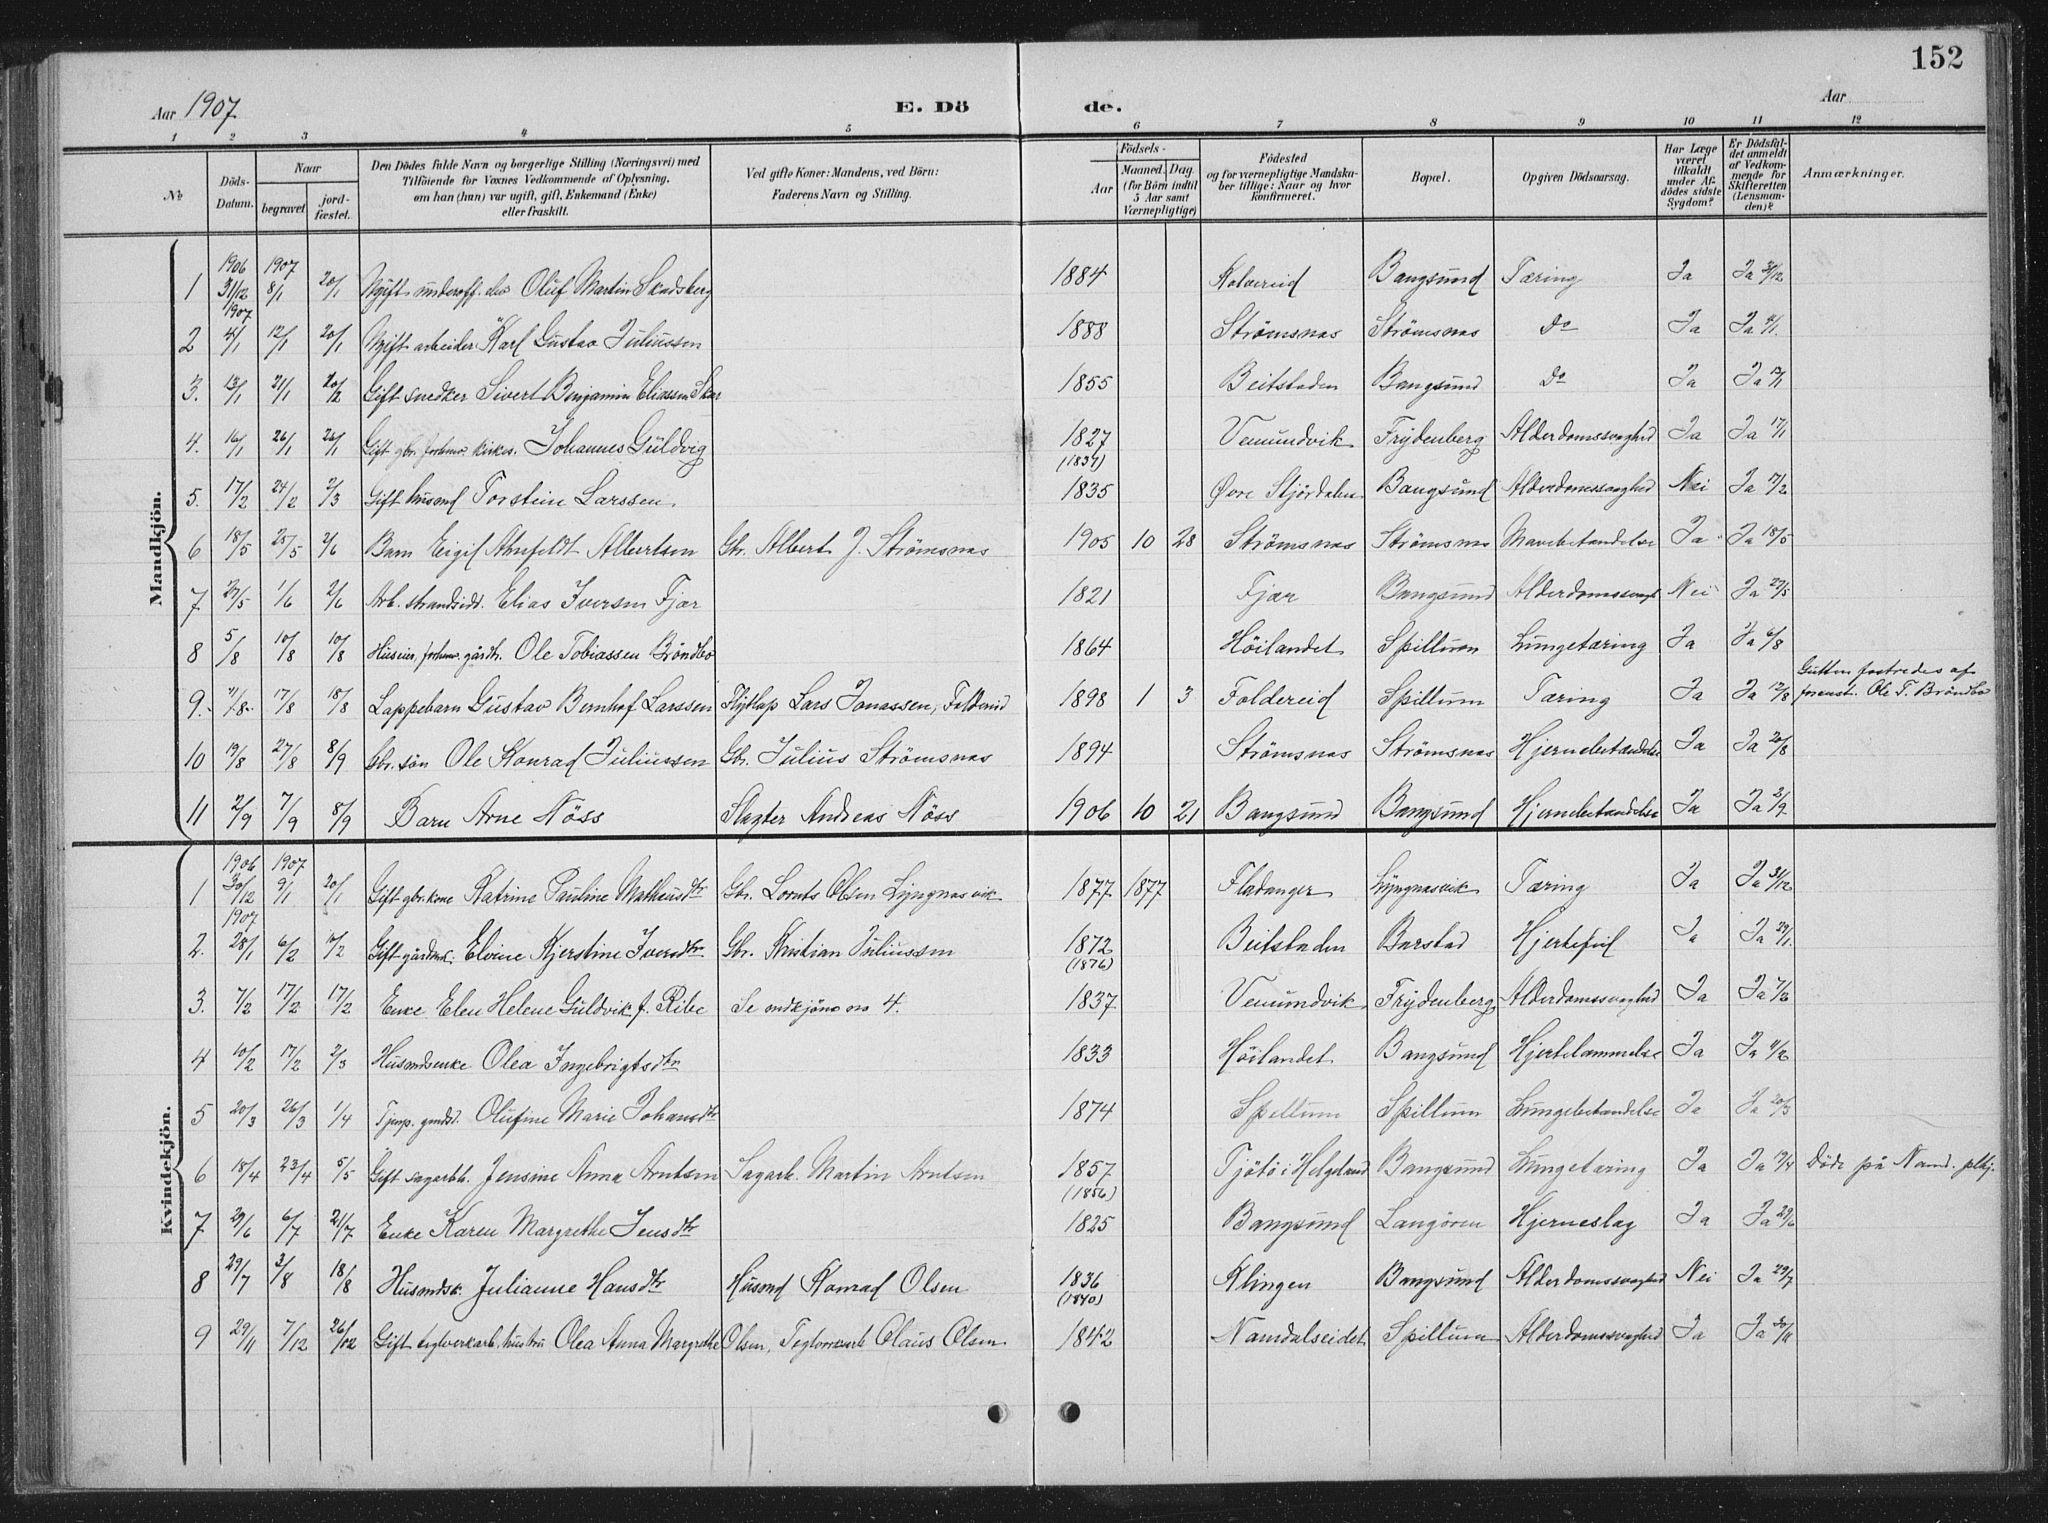 SAT, Ministerialprotokoller, klokkerbøker og fødselsregistre - Nord-Trøndelag, 770/L0591: Klokkerbok nr. 770C02, 1902-1940, s. 152